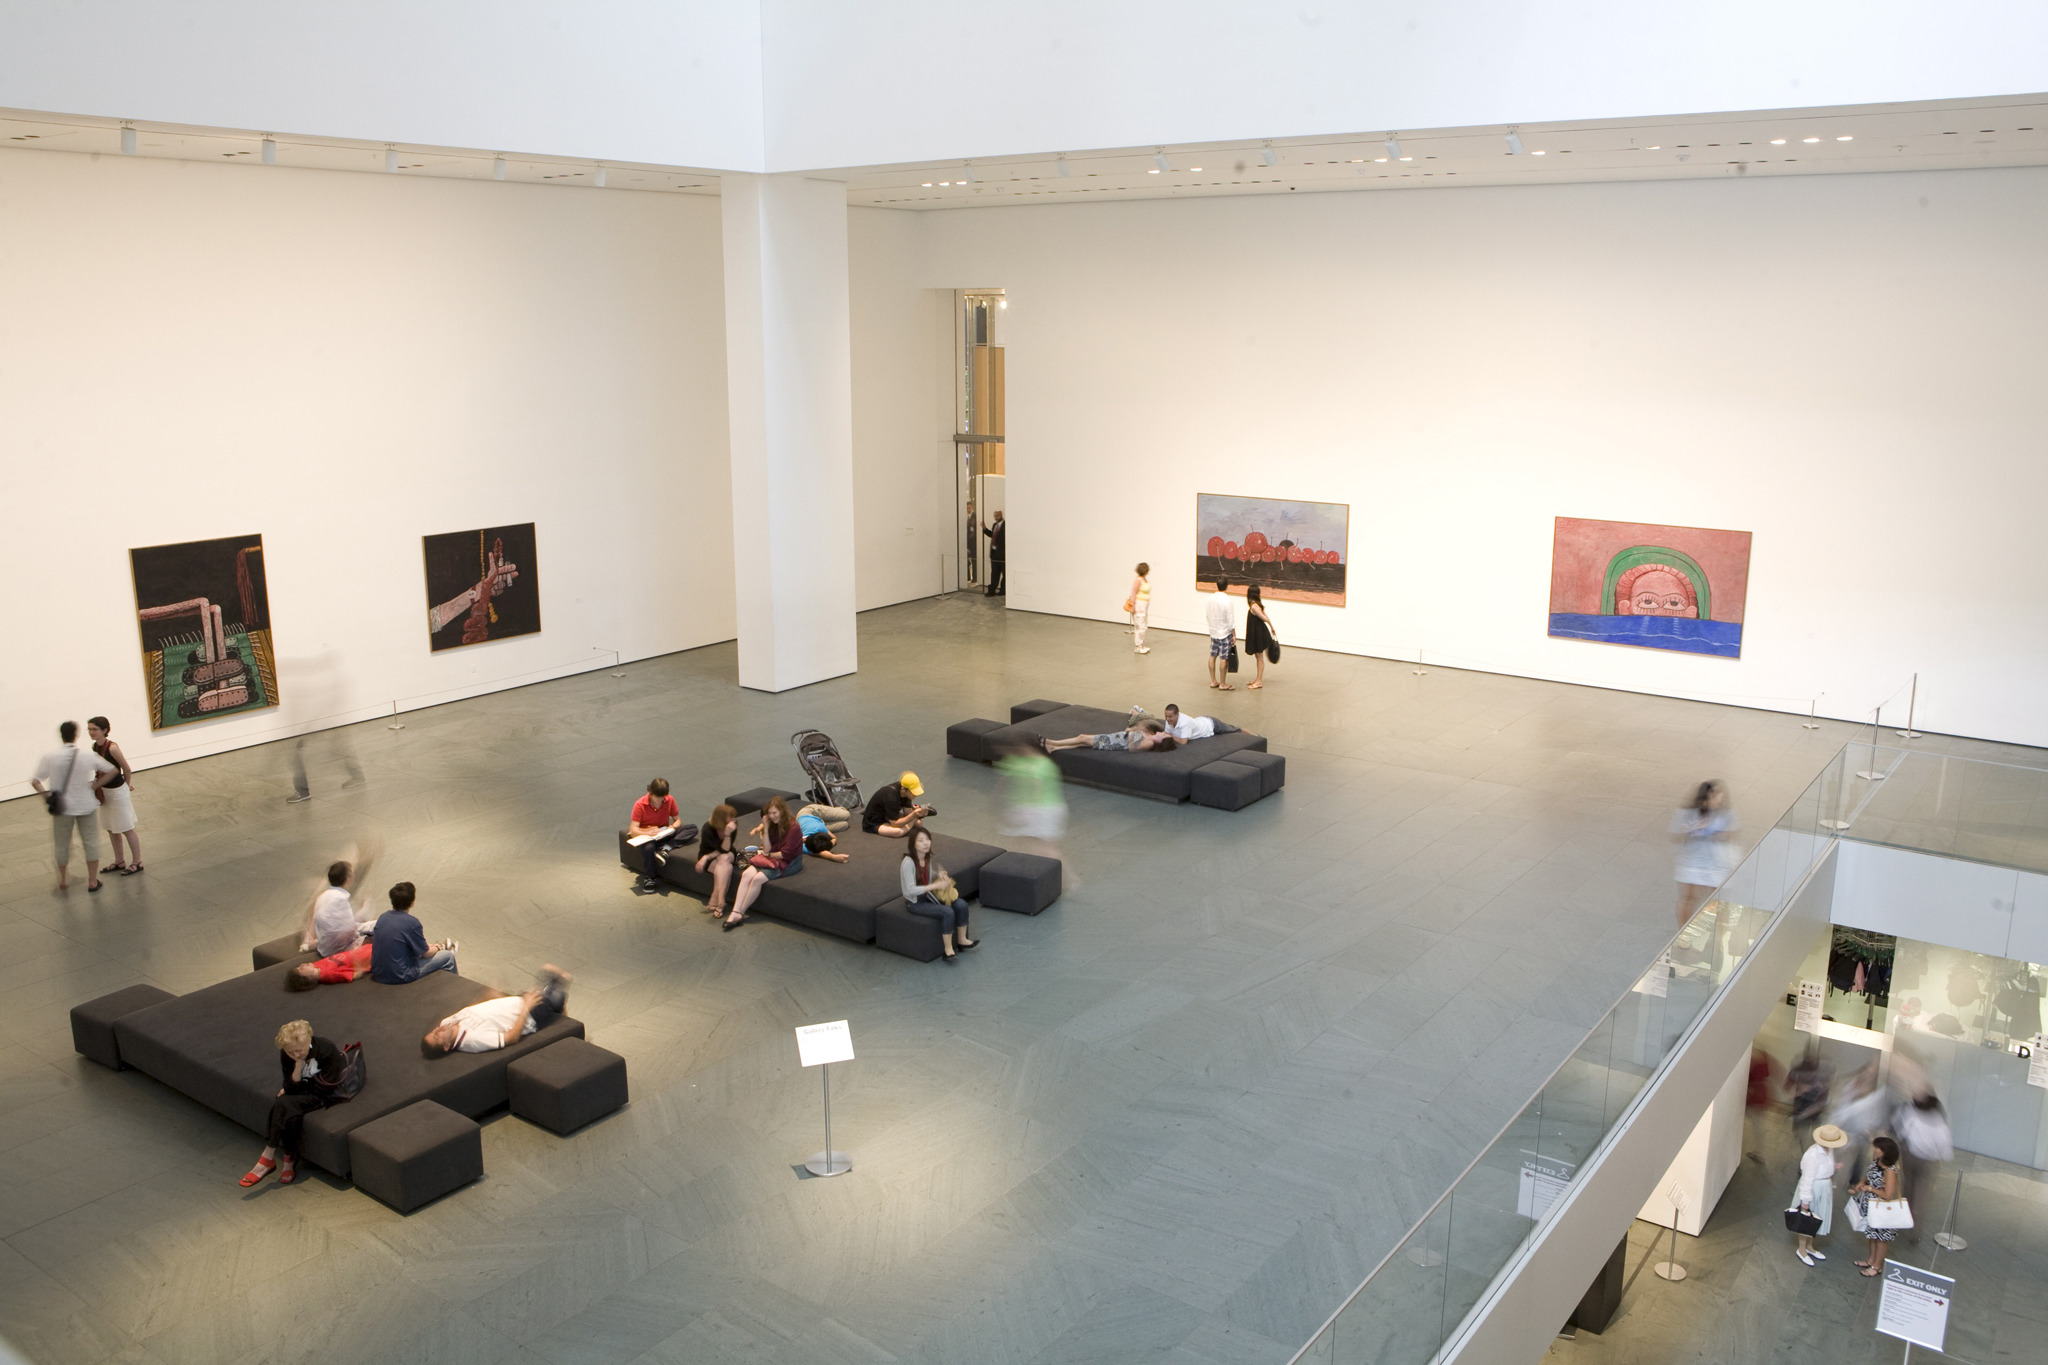 Museum memberships